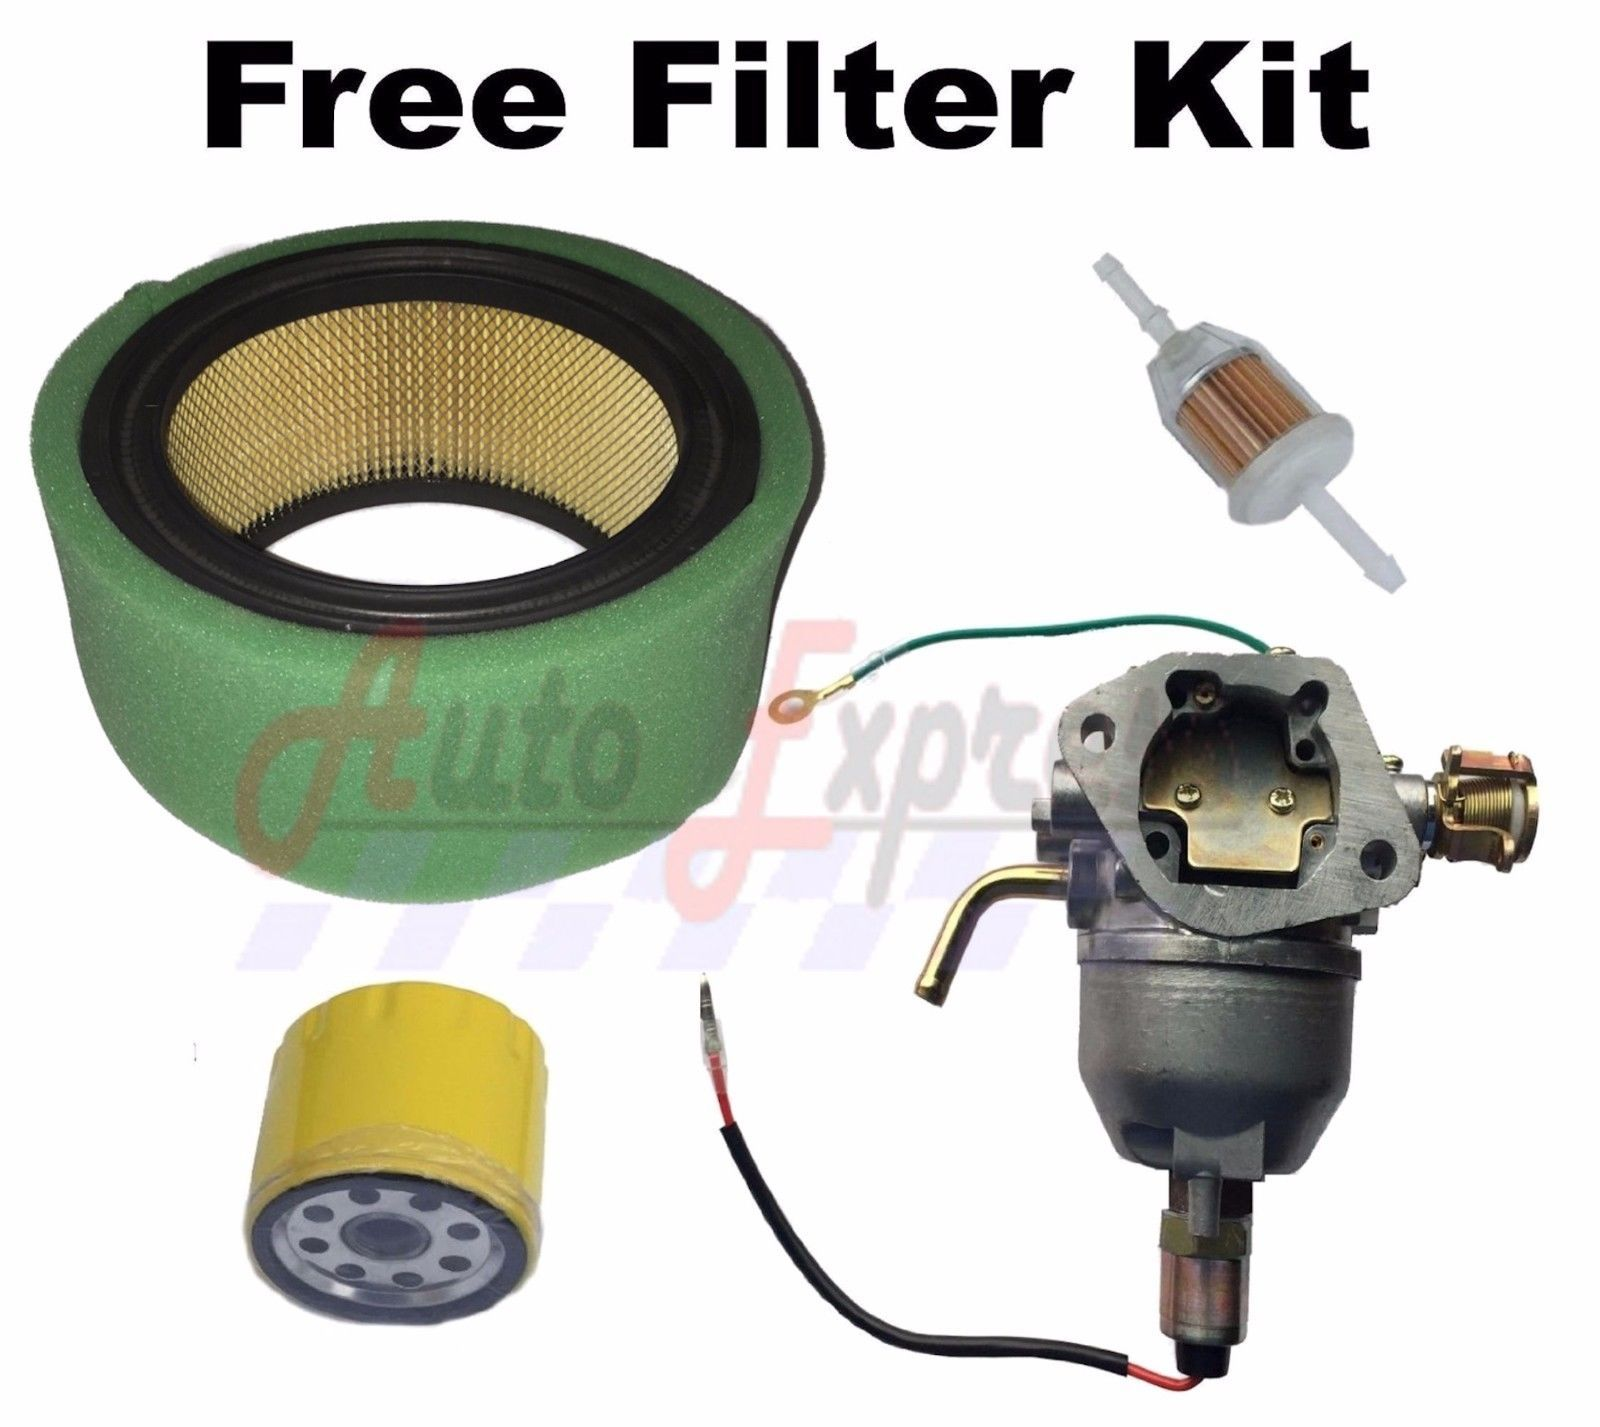 Carburetor Fits Kohler CH18 - CH26 With Free Filter Kit Nikki Carb